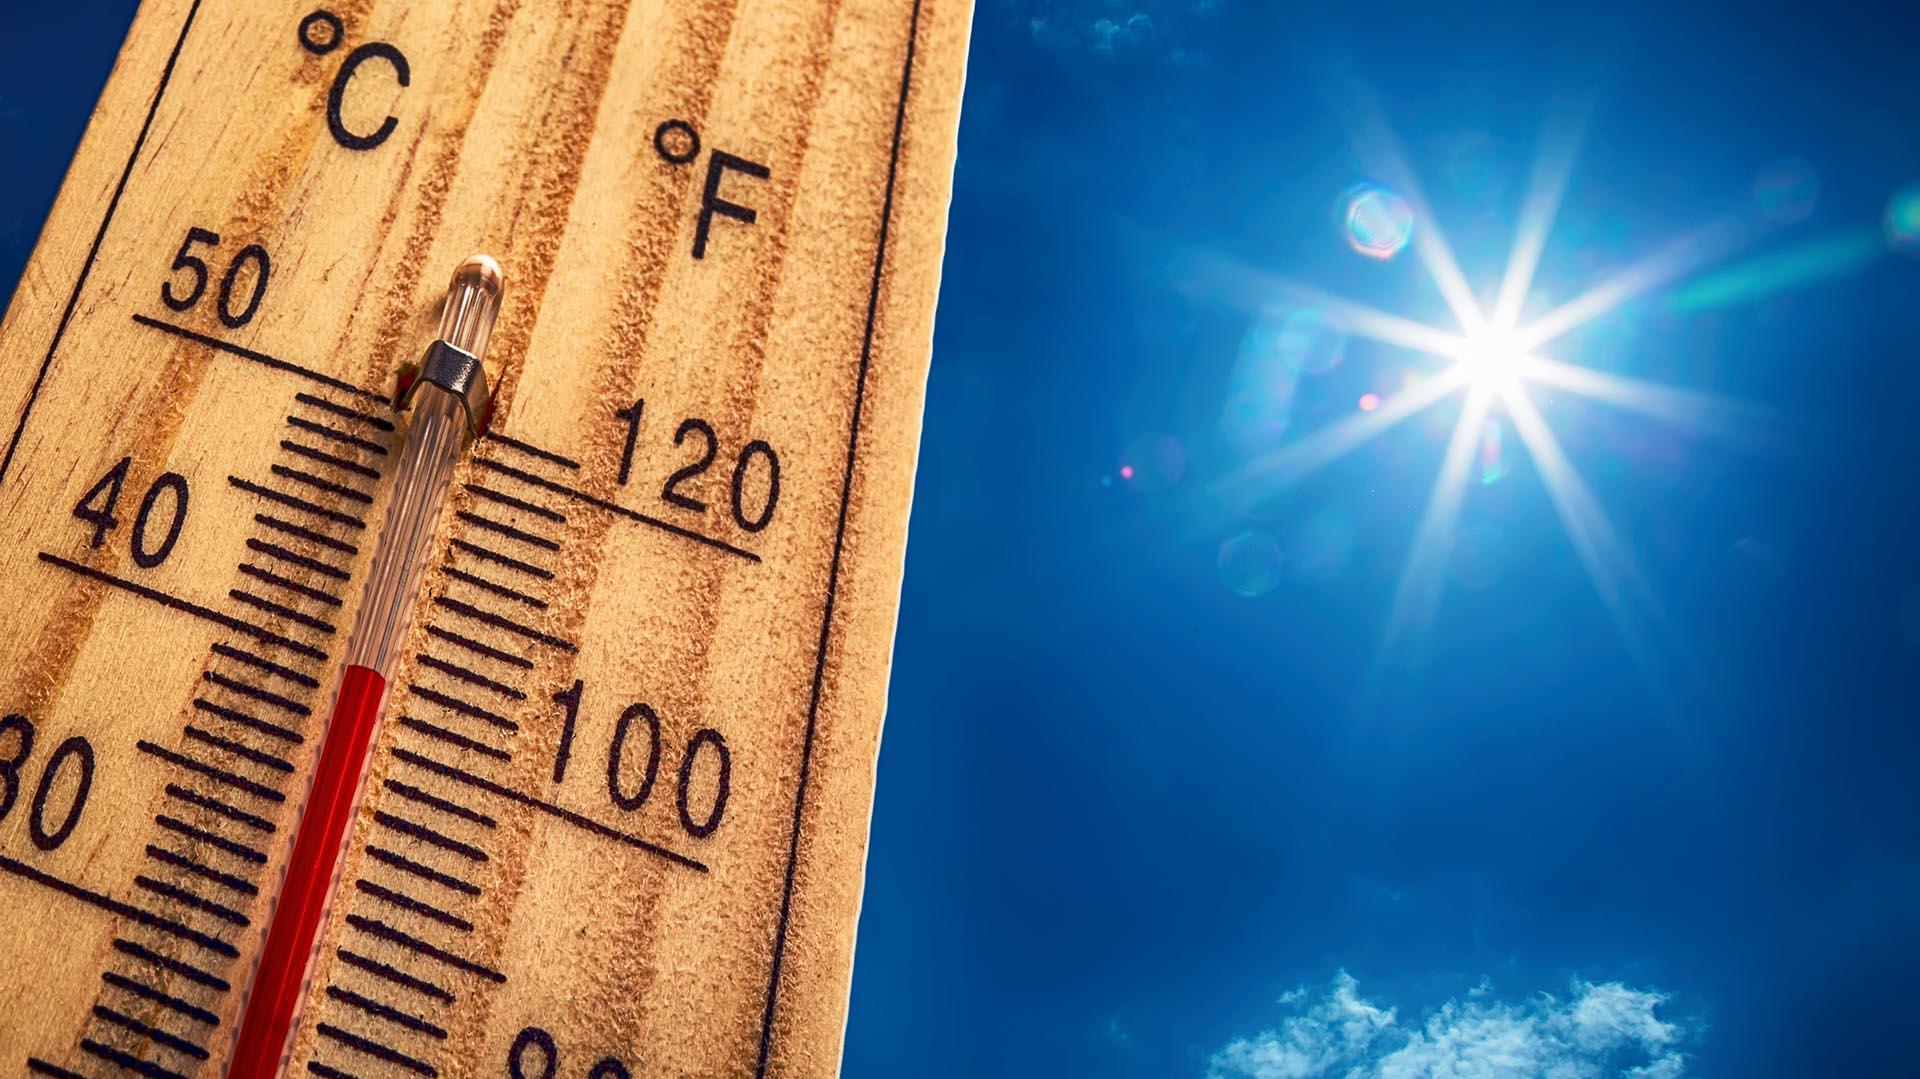 Cuando la temperatura es elevada, es importante mantener la mente relajada (Getty Images)